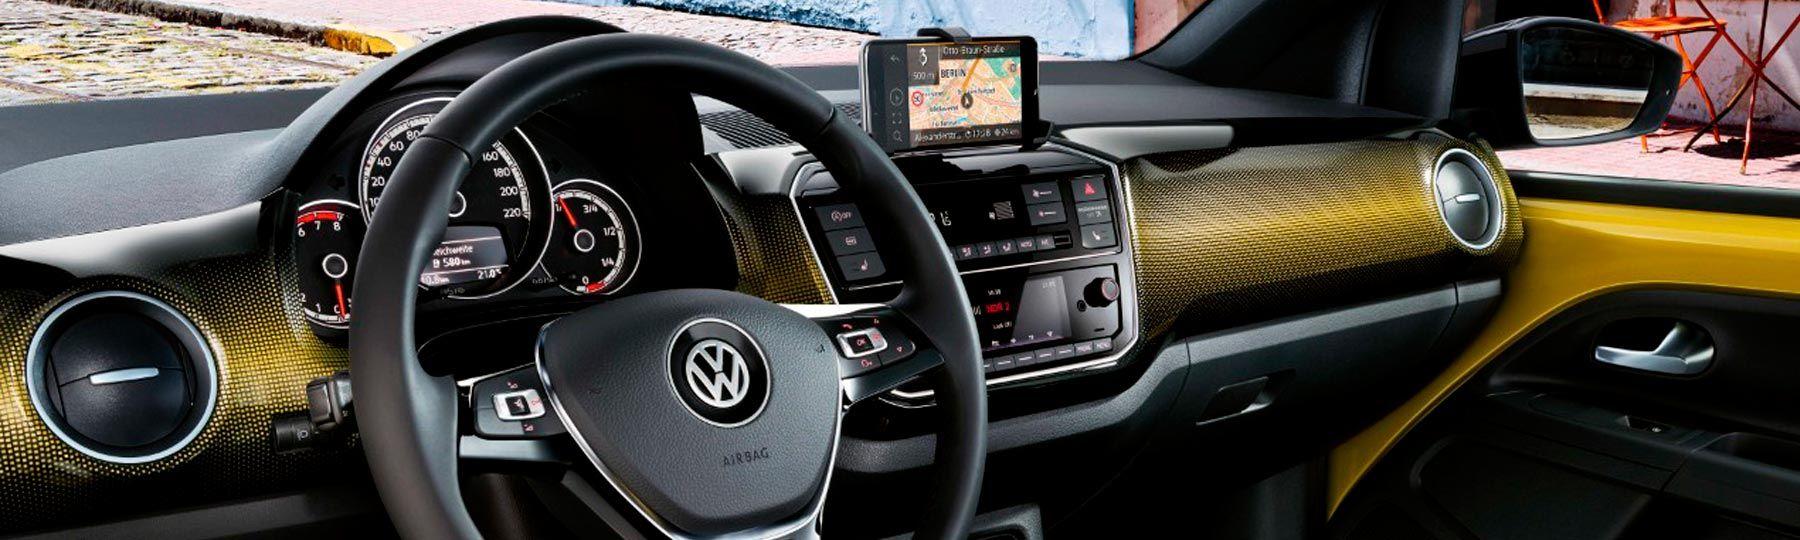 Vilamòbil, Concesionario Oficial Volkswagen en Vilafranca del Penedès (Barcelona)